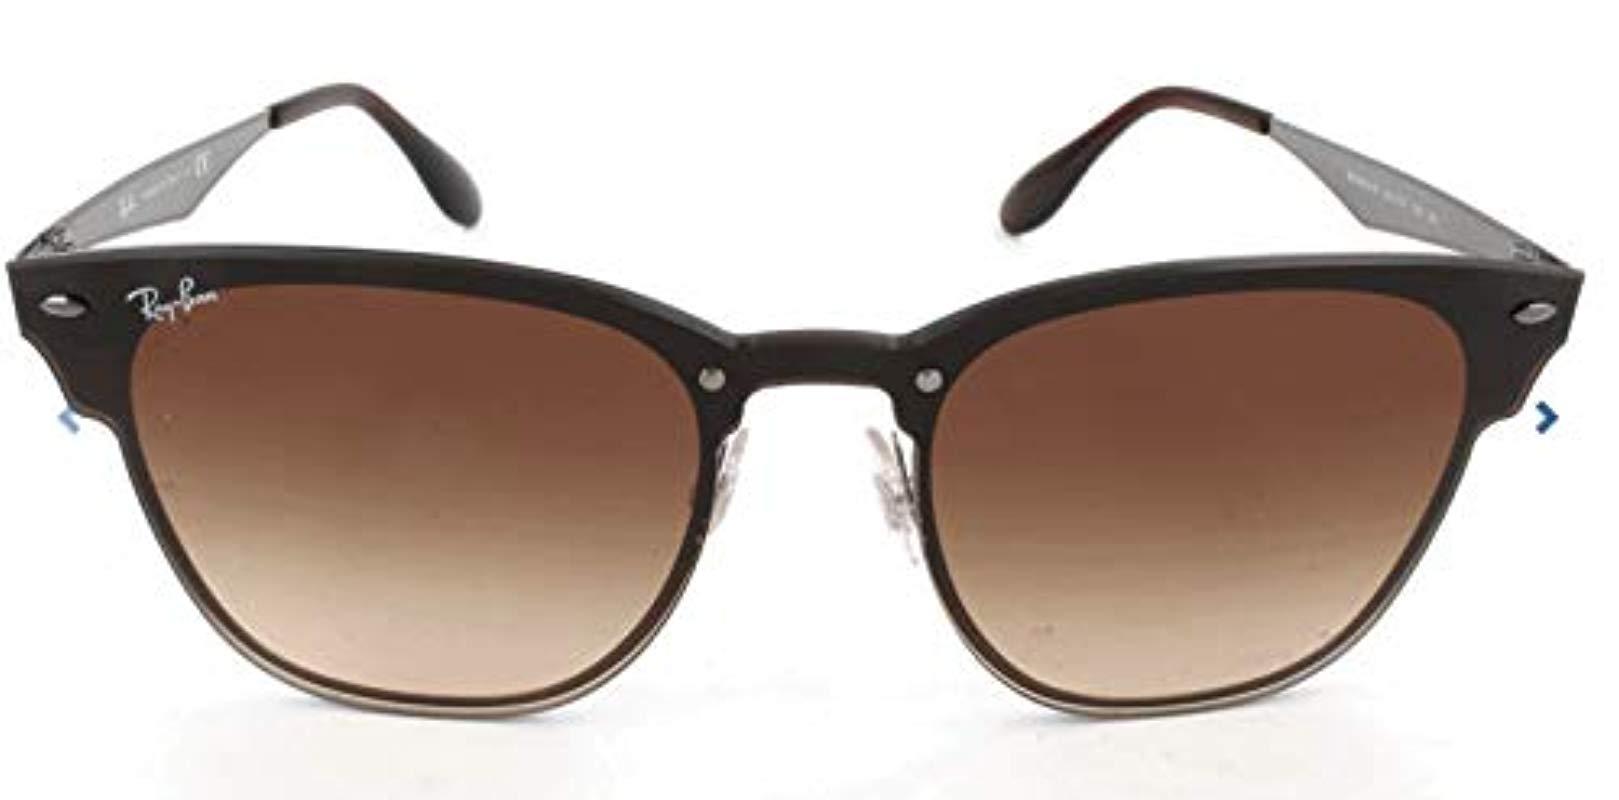 RB3576N-041/13-47 Montures de lunettes, Marron (Marrón) Ray-Ban pour homme  NInb